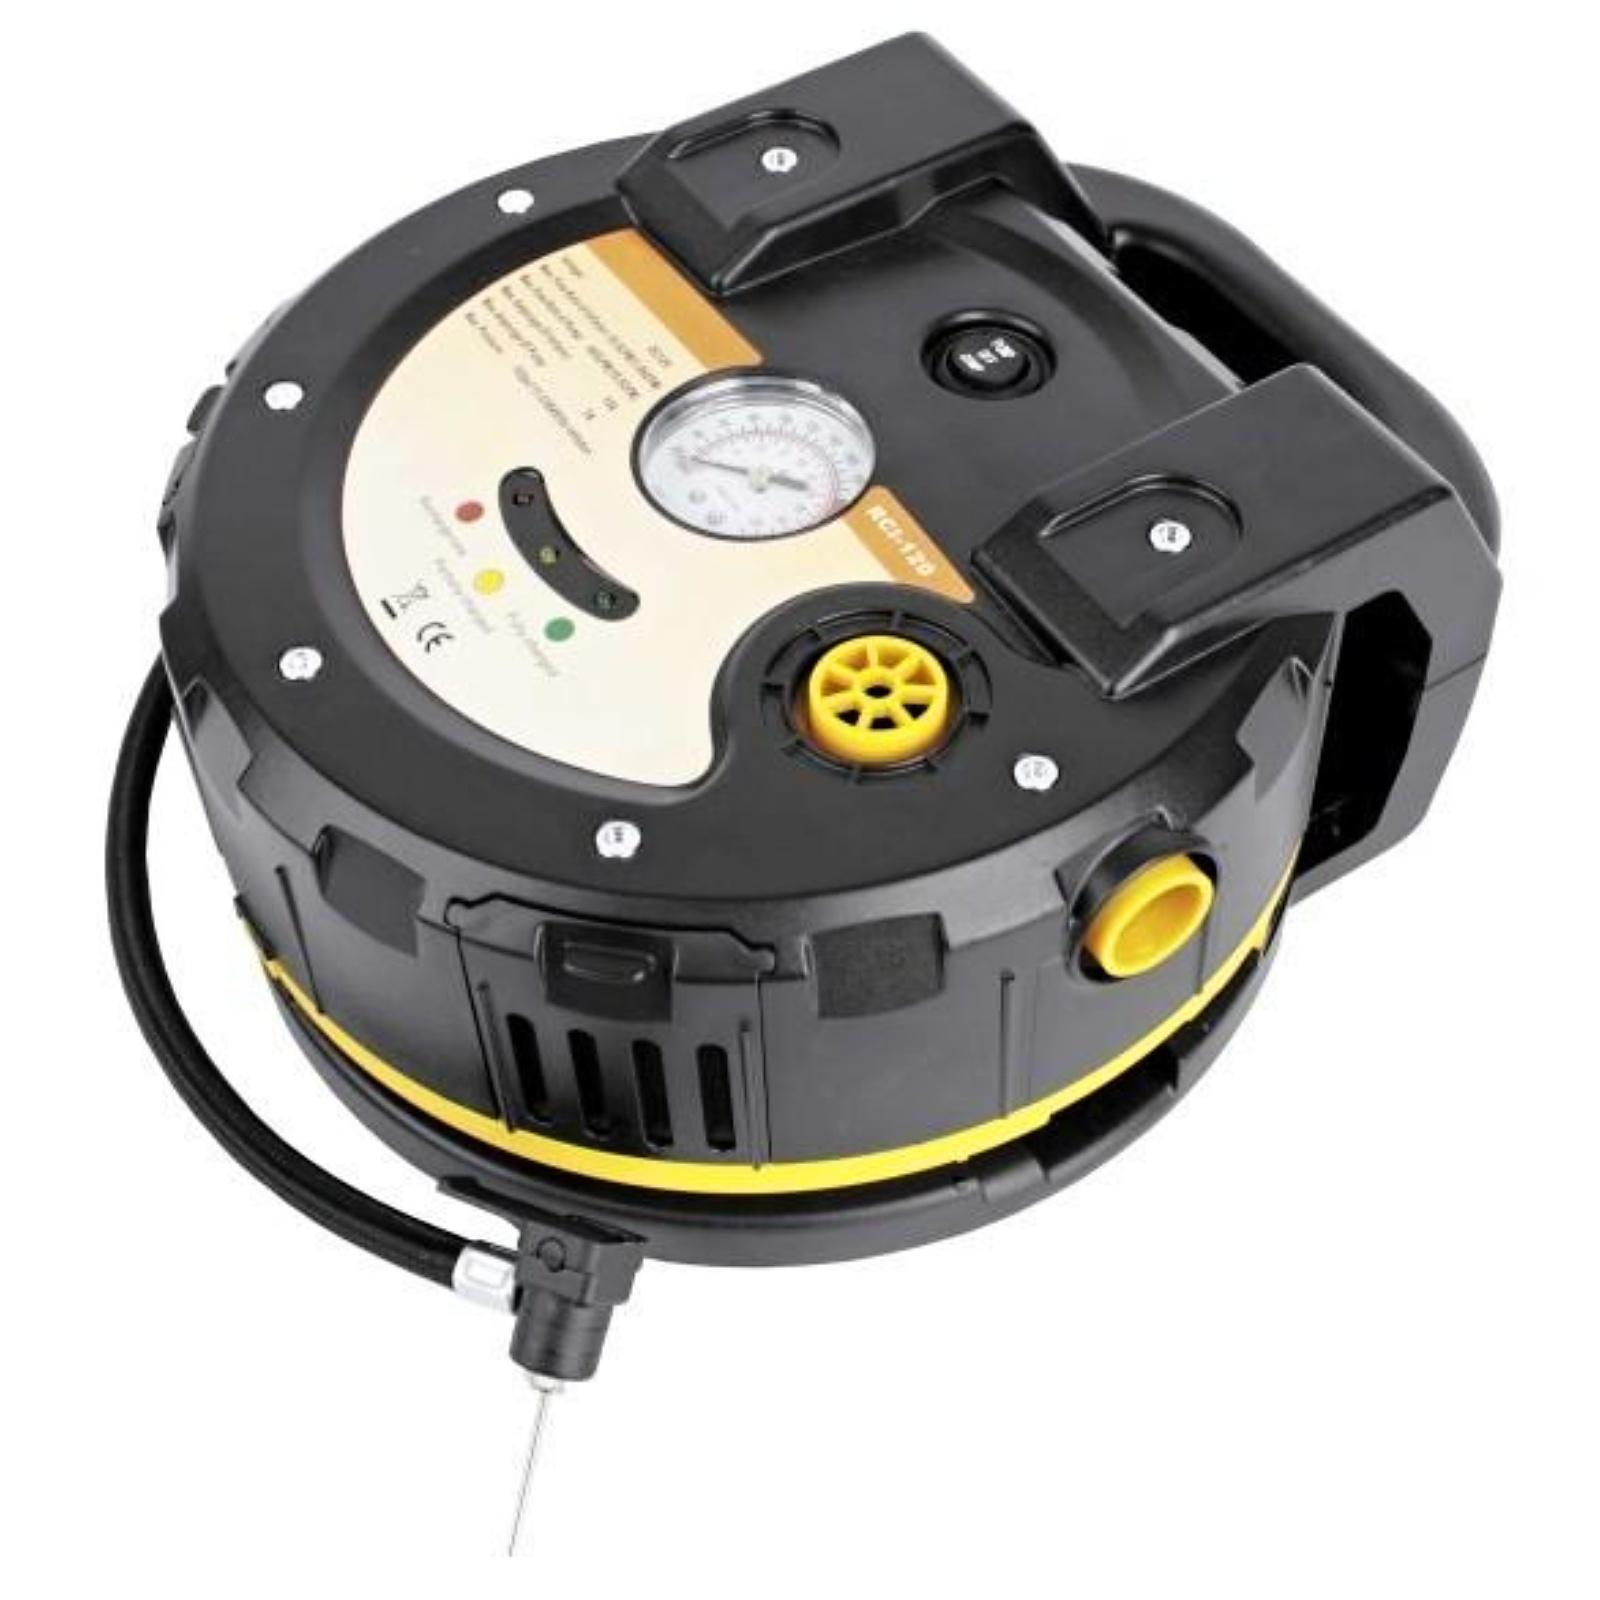 Kompresor na míče SPOKEY Campo, včetně baterie